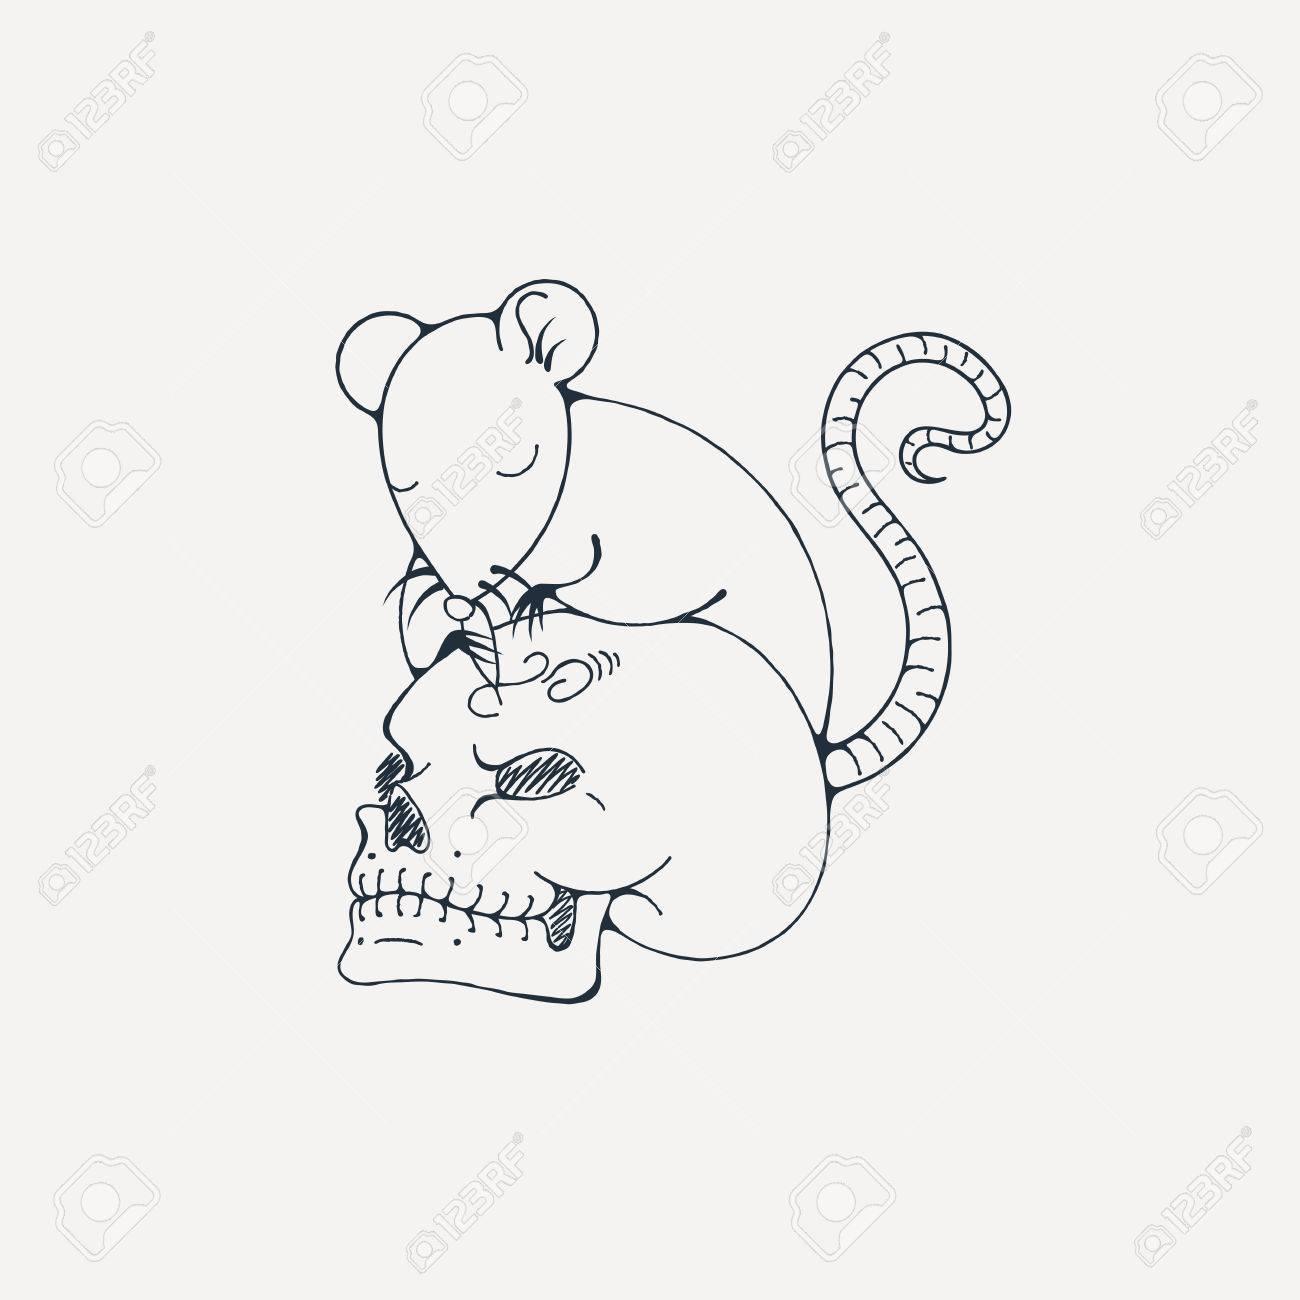 Gemütlich Labor Ratten Malvorlagen Bilder - Malvorlagen Von Tieren ...